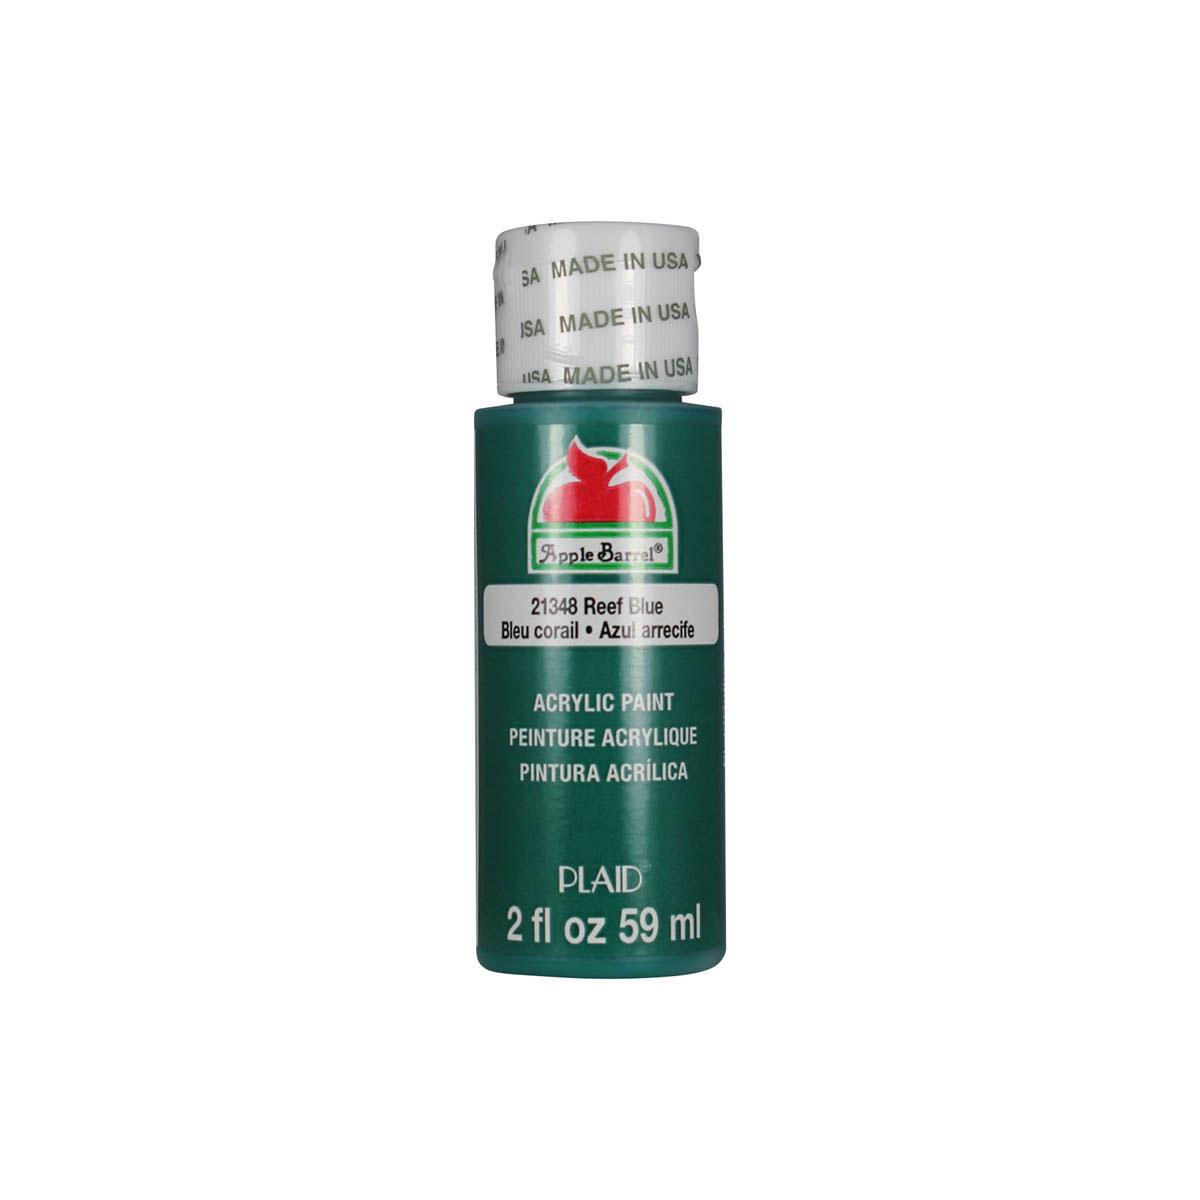 Apple Barrel ® Colors - Reef Blue, 2 oz. - 21348